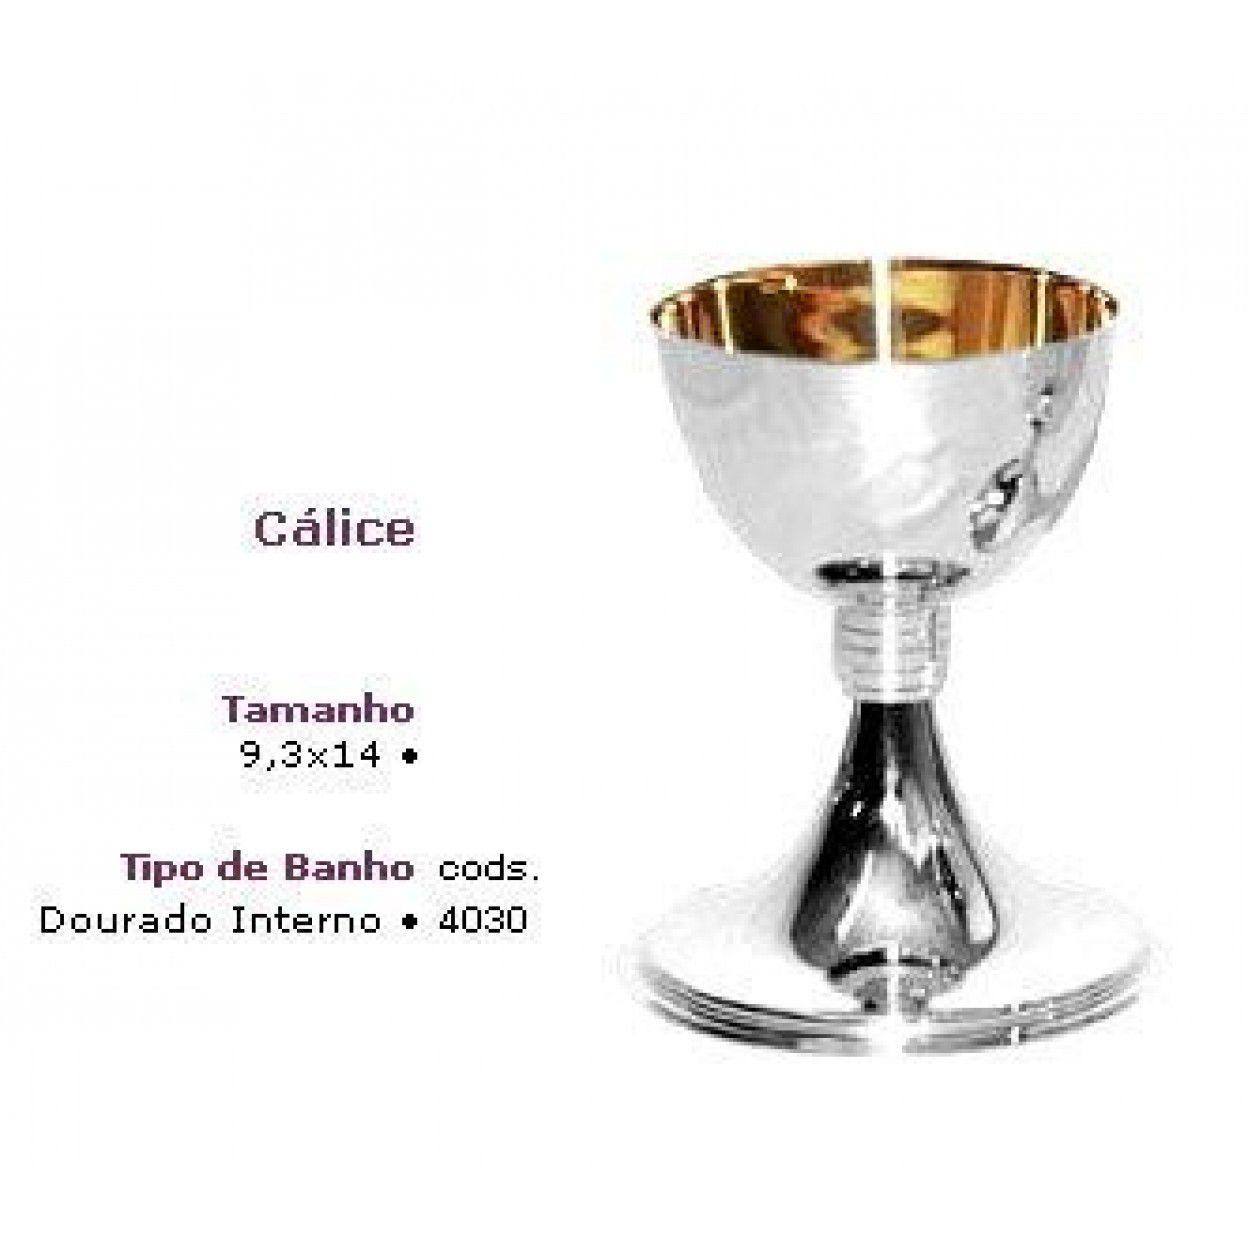 CÁLICE DOURADO INTERNO 4030